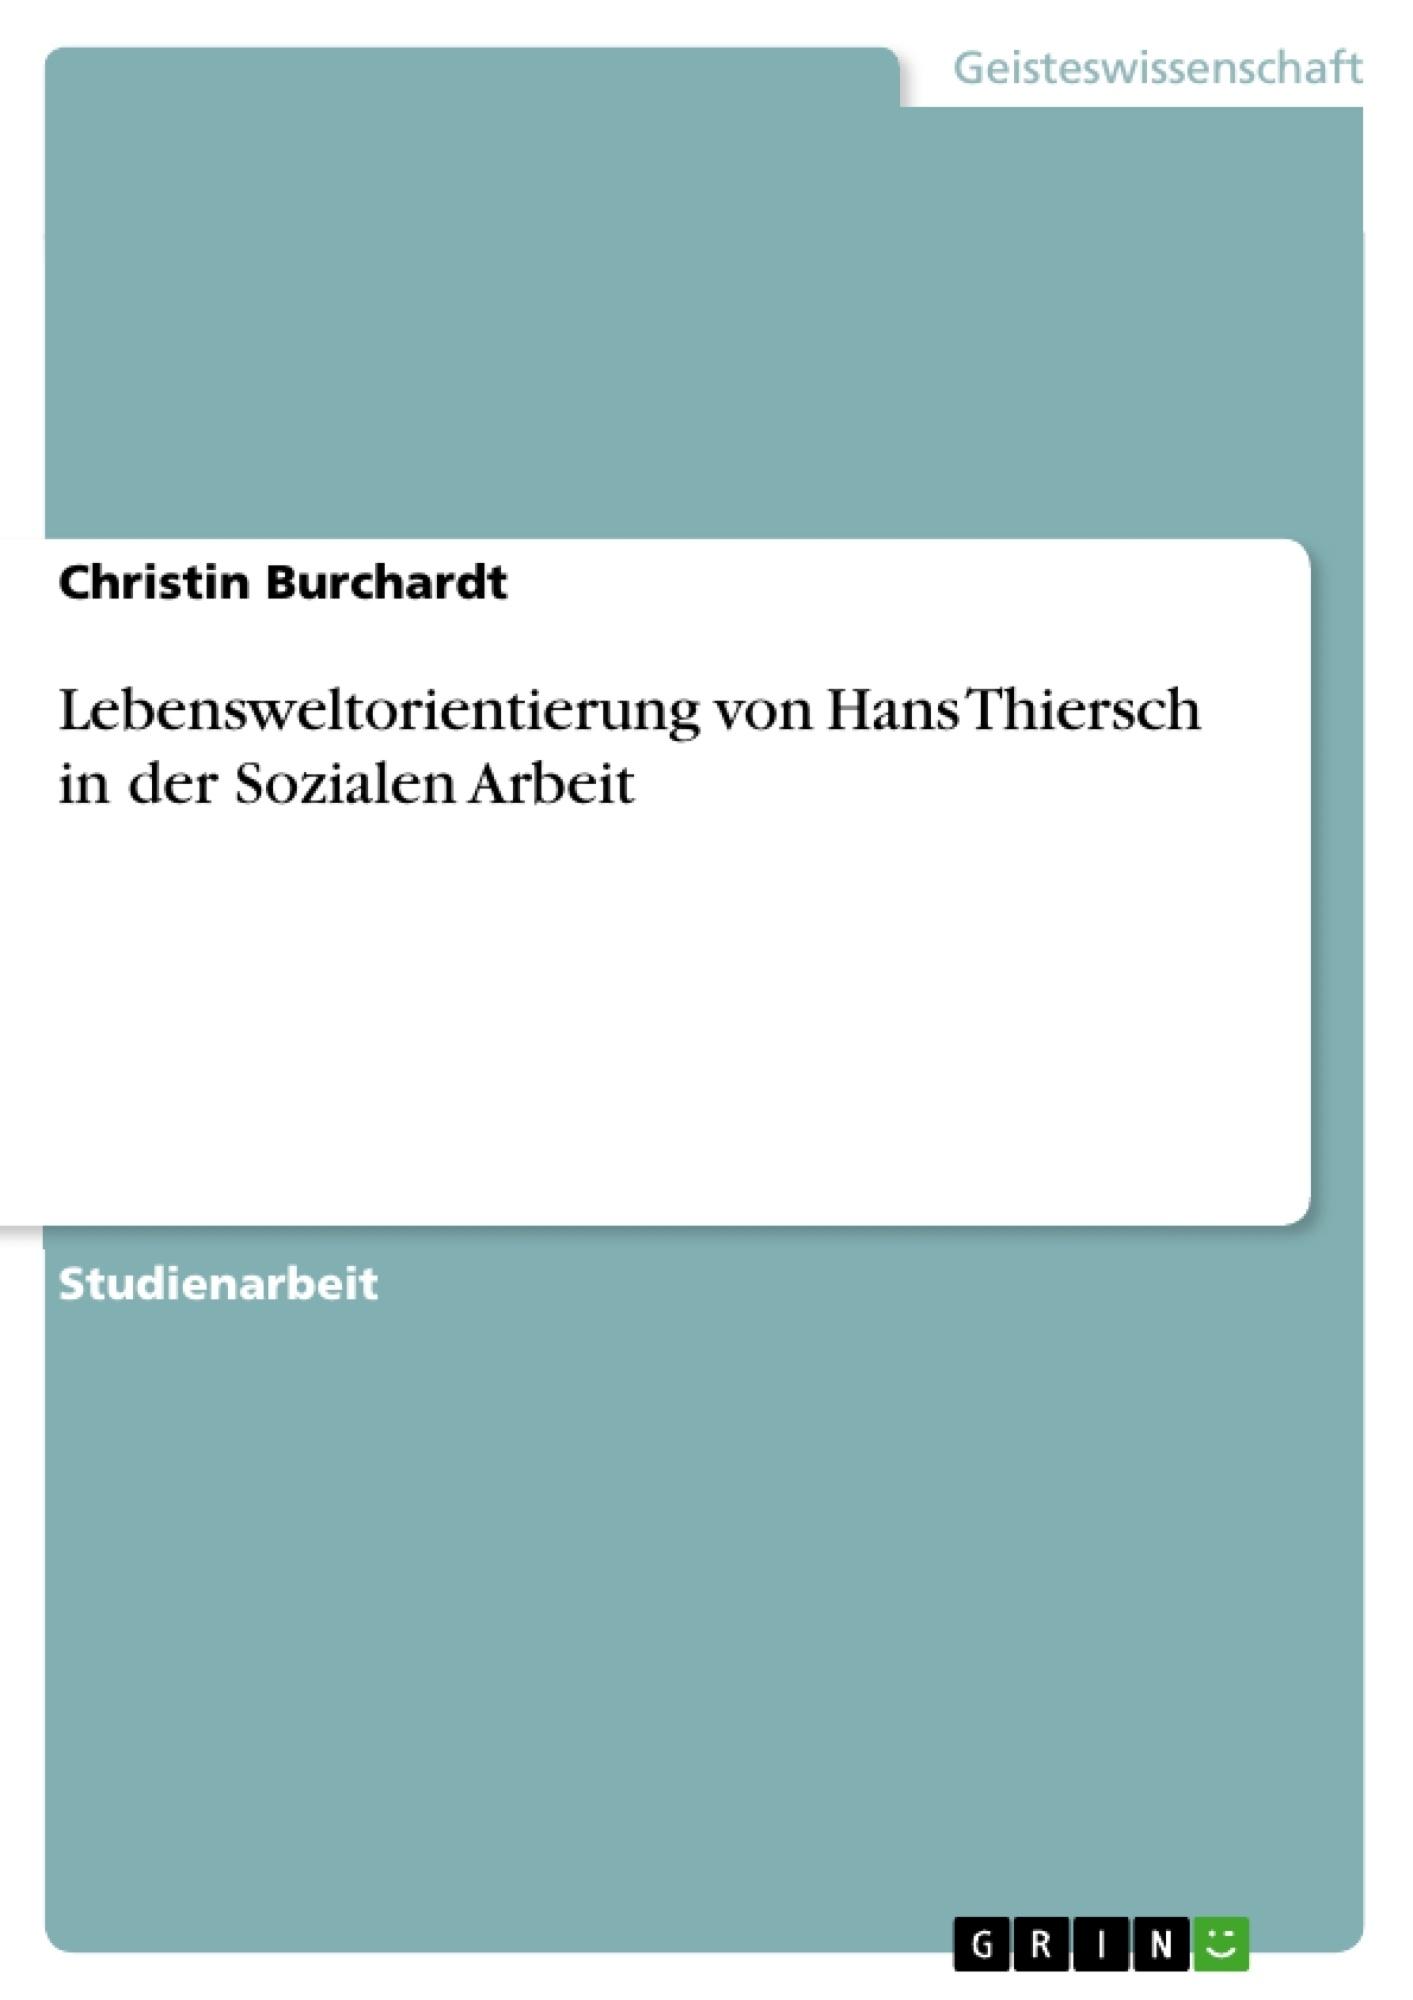 Titel: Lebensweltorientierung von Hans Thiersch in der Sozialen Arbeit